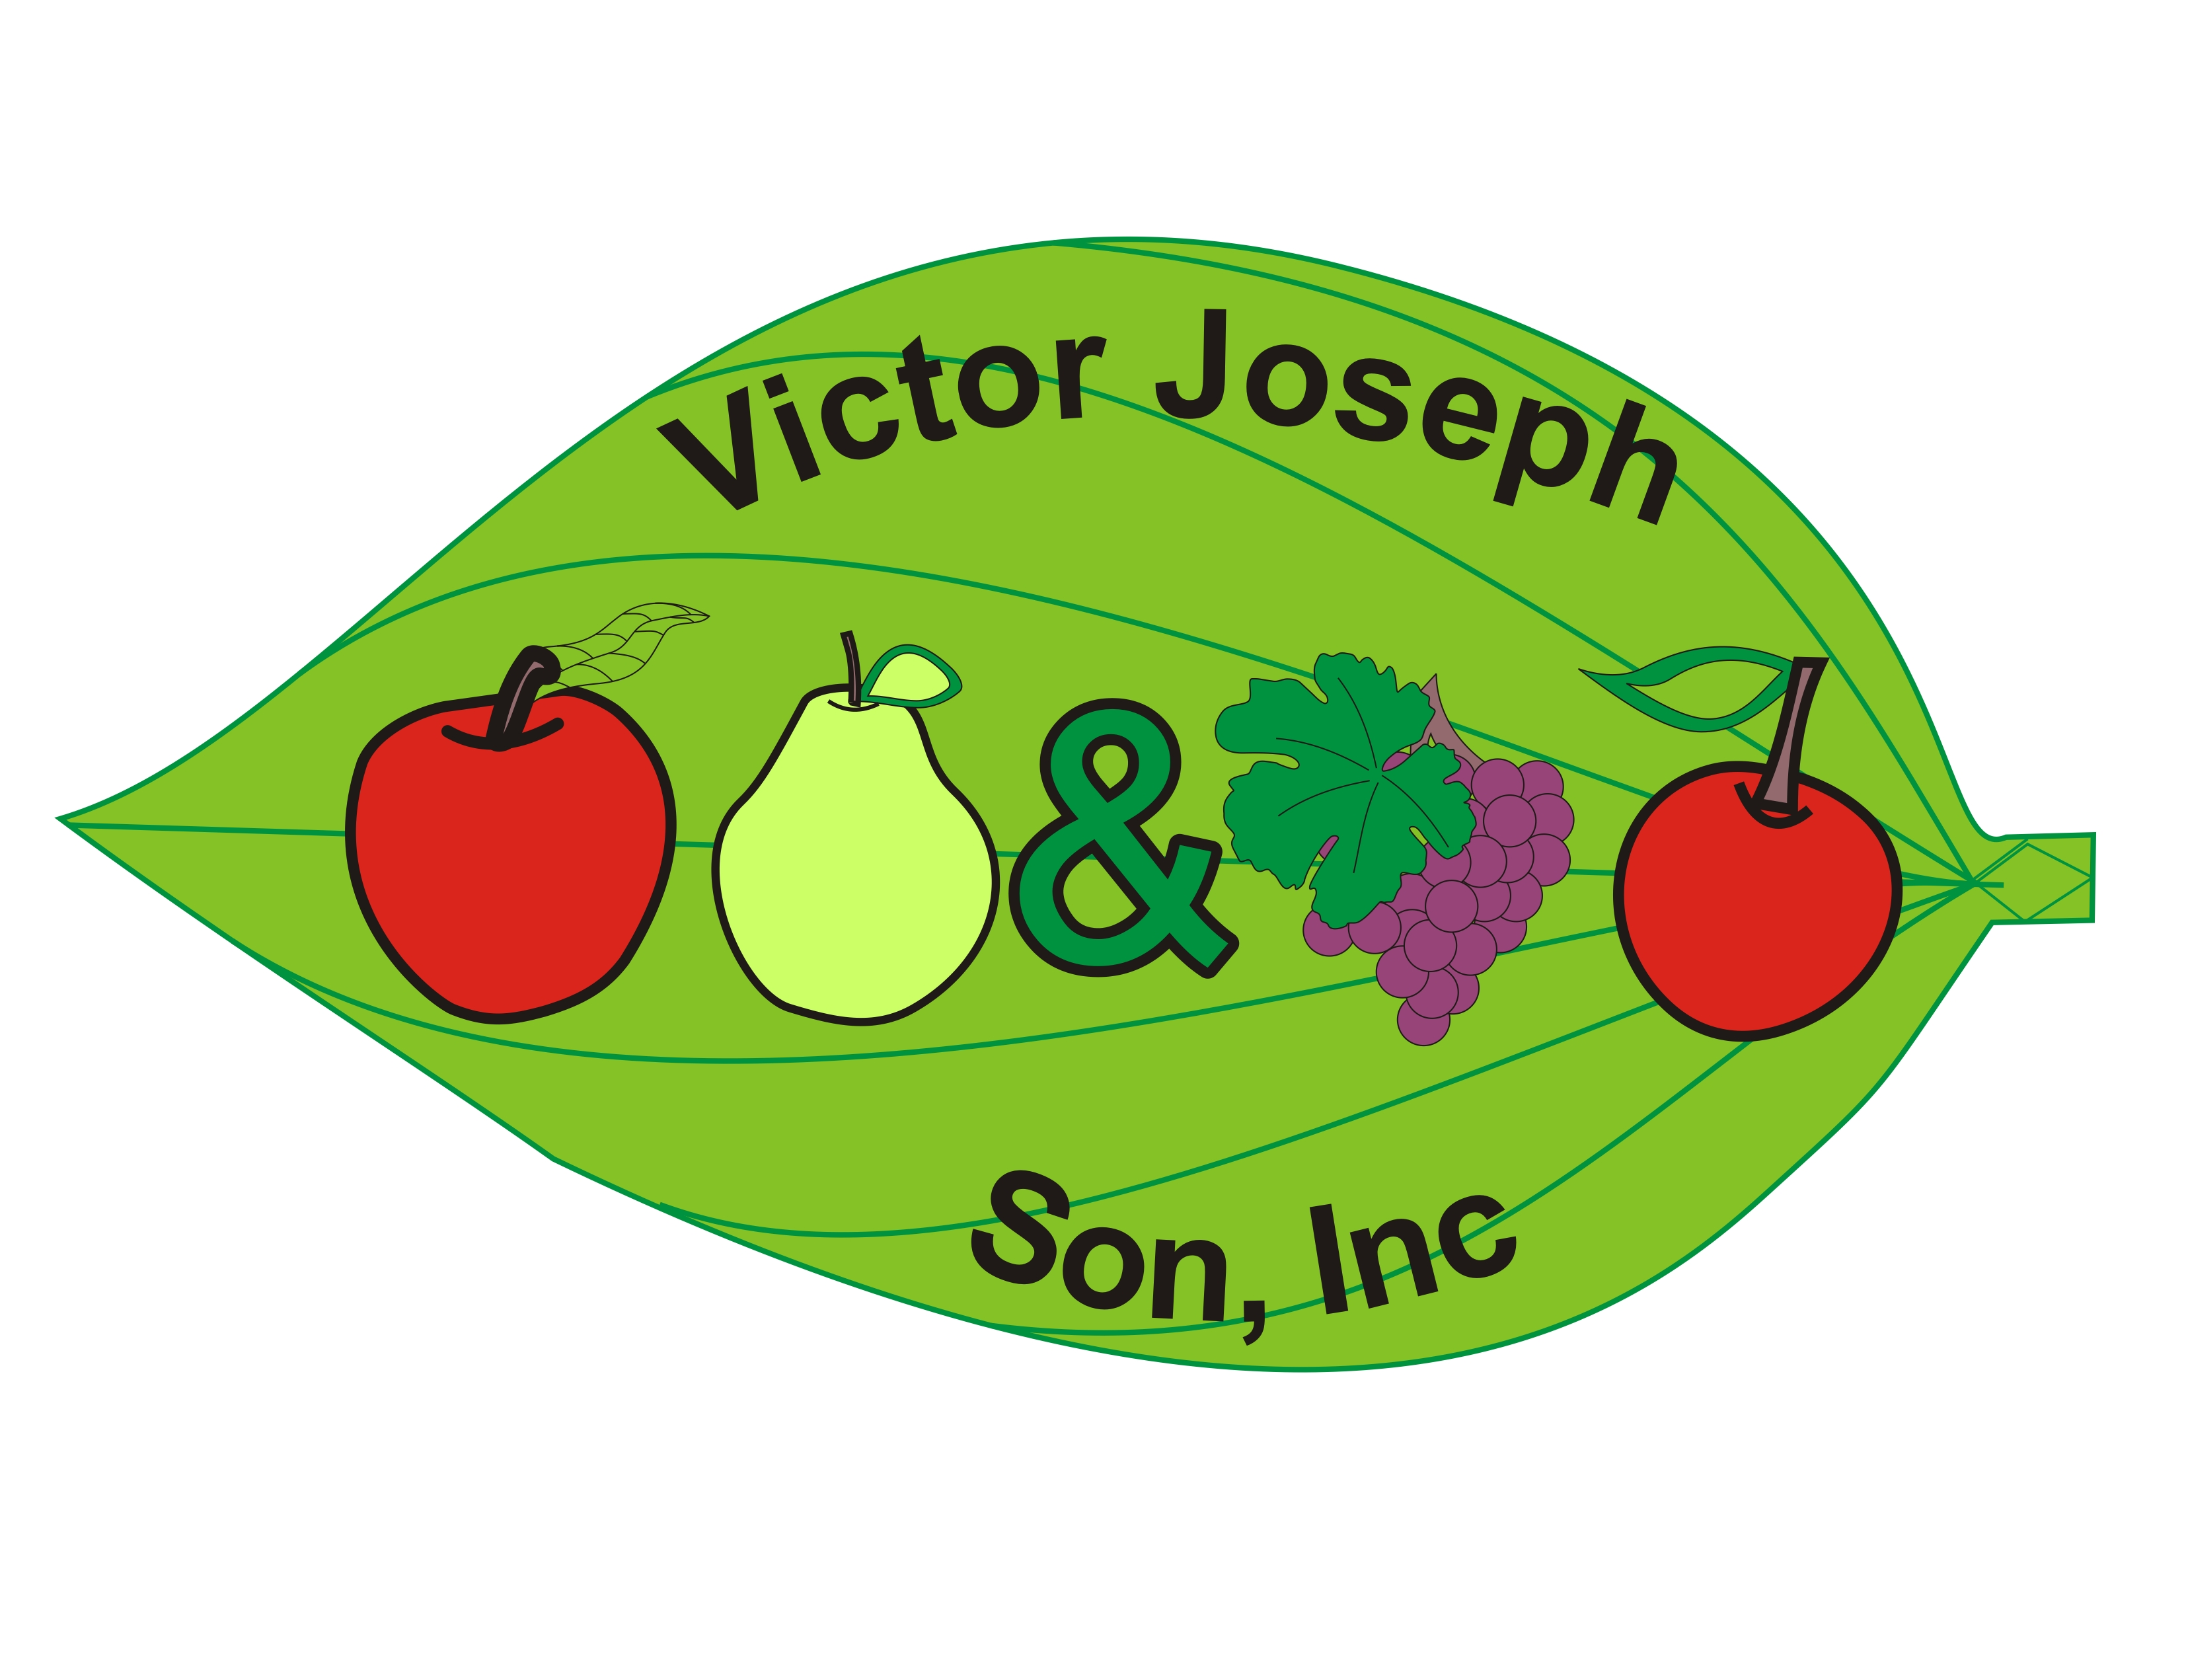 Logo Design by Private User - Entry No. 42 in the Logo Design Contest Imaginative Logo Design for Victor Joseph & Son, Inc..